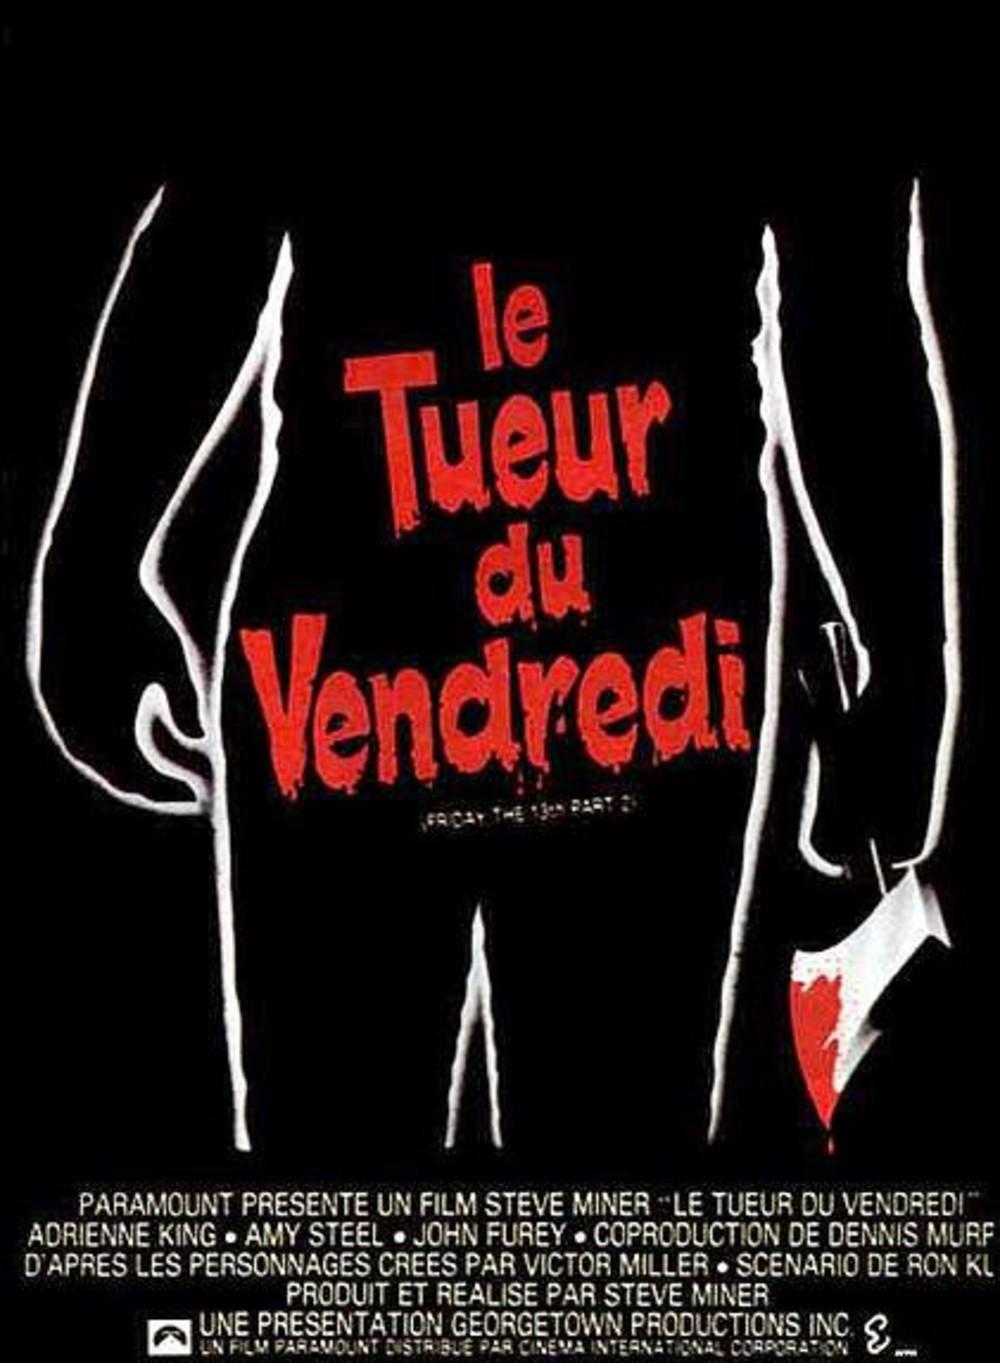 affiche du film Vendredi 13 : Le tueur du vendredi